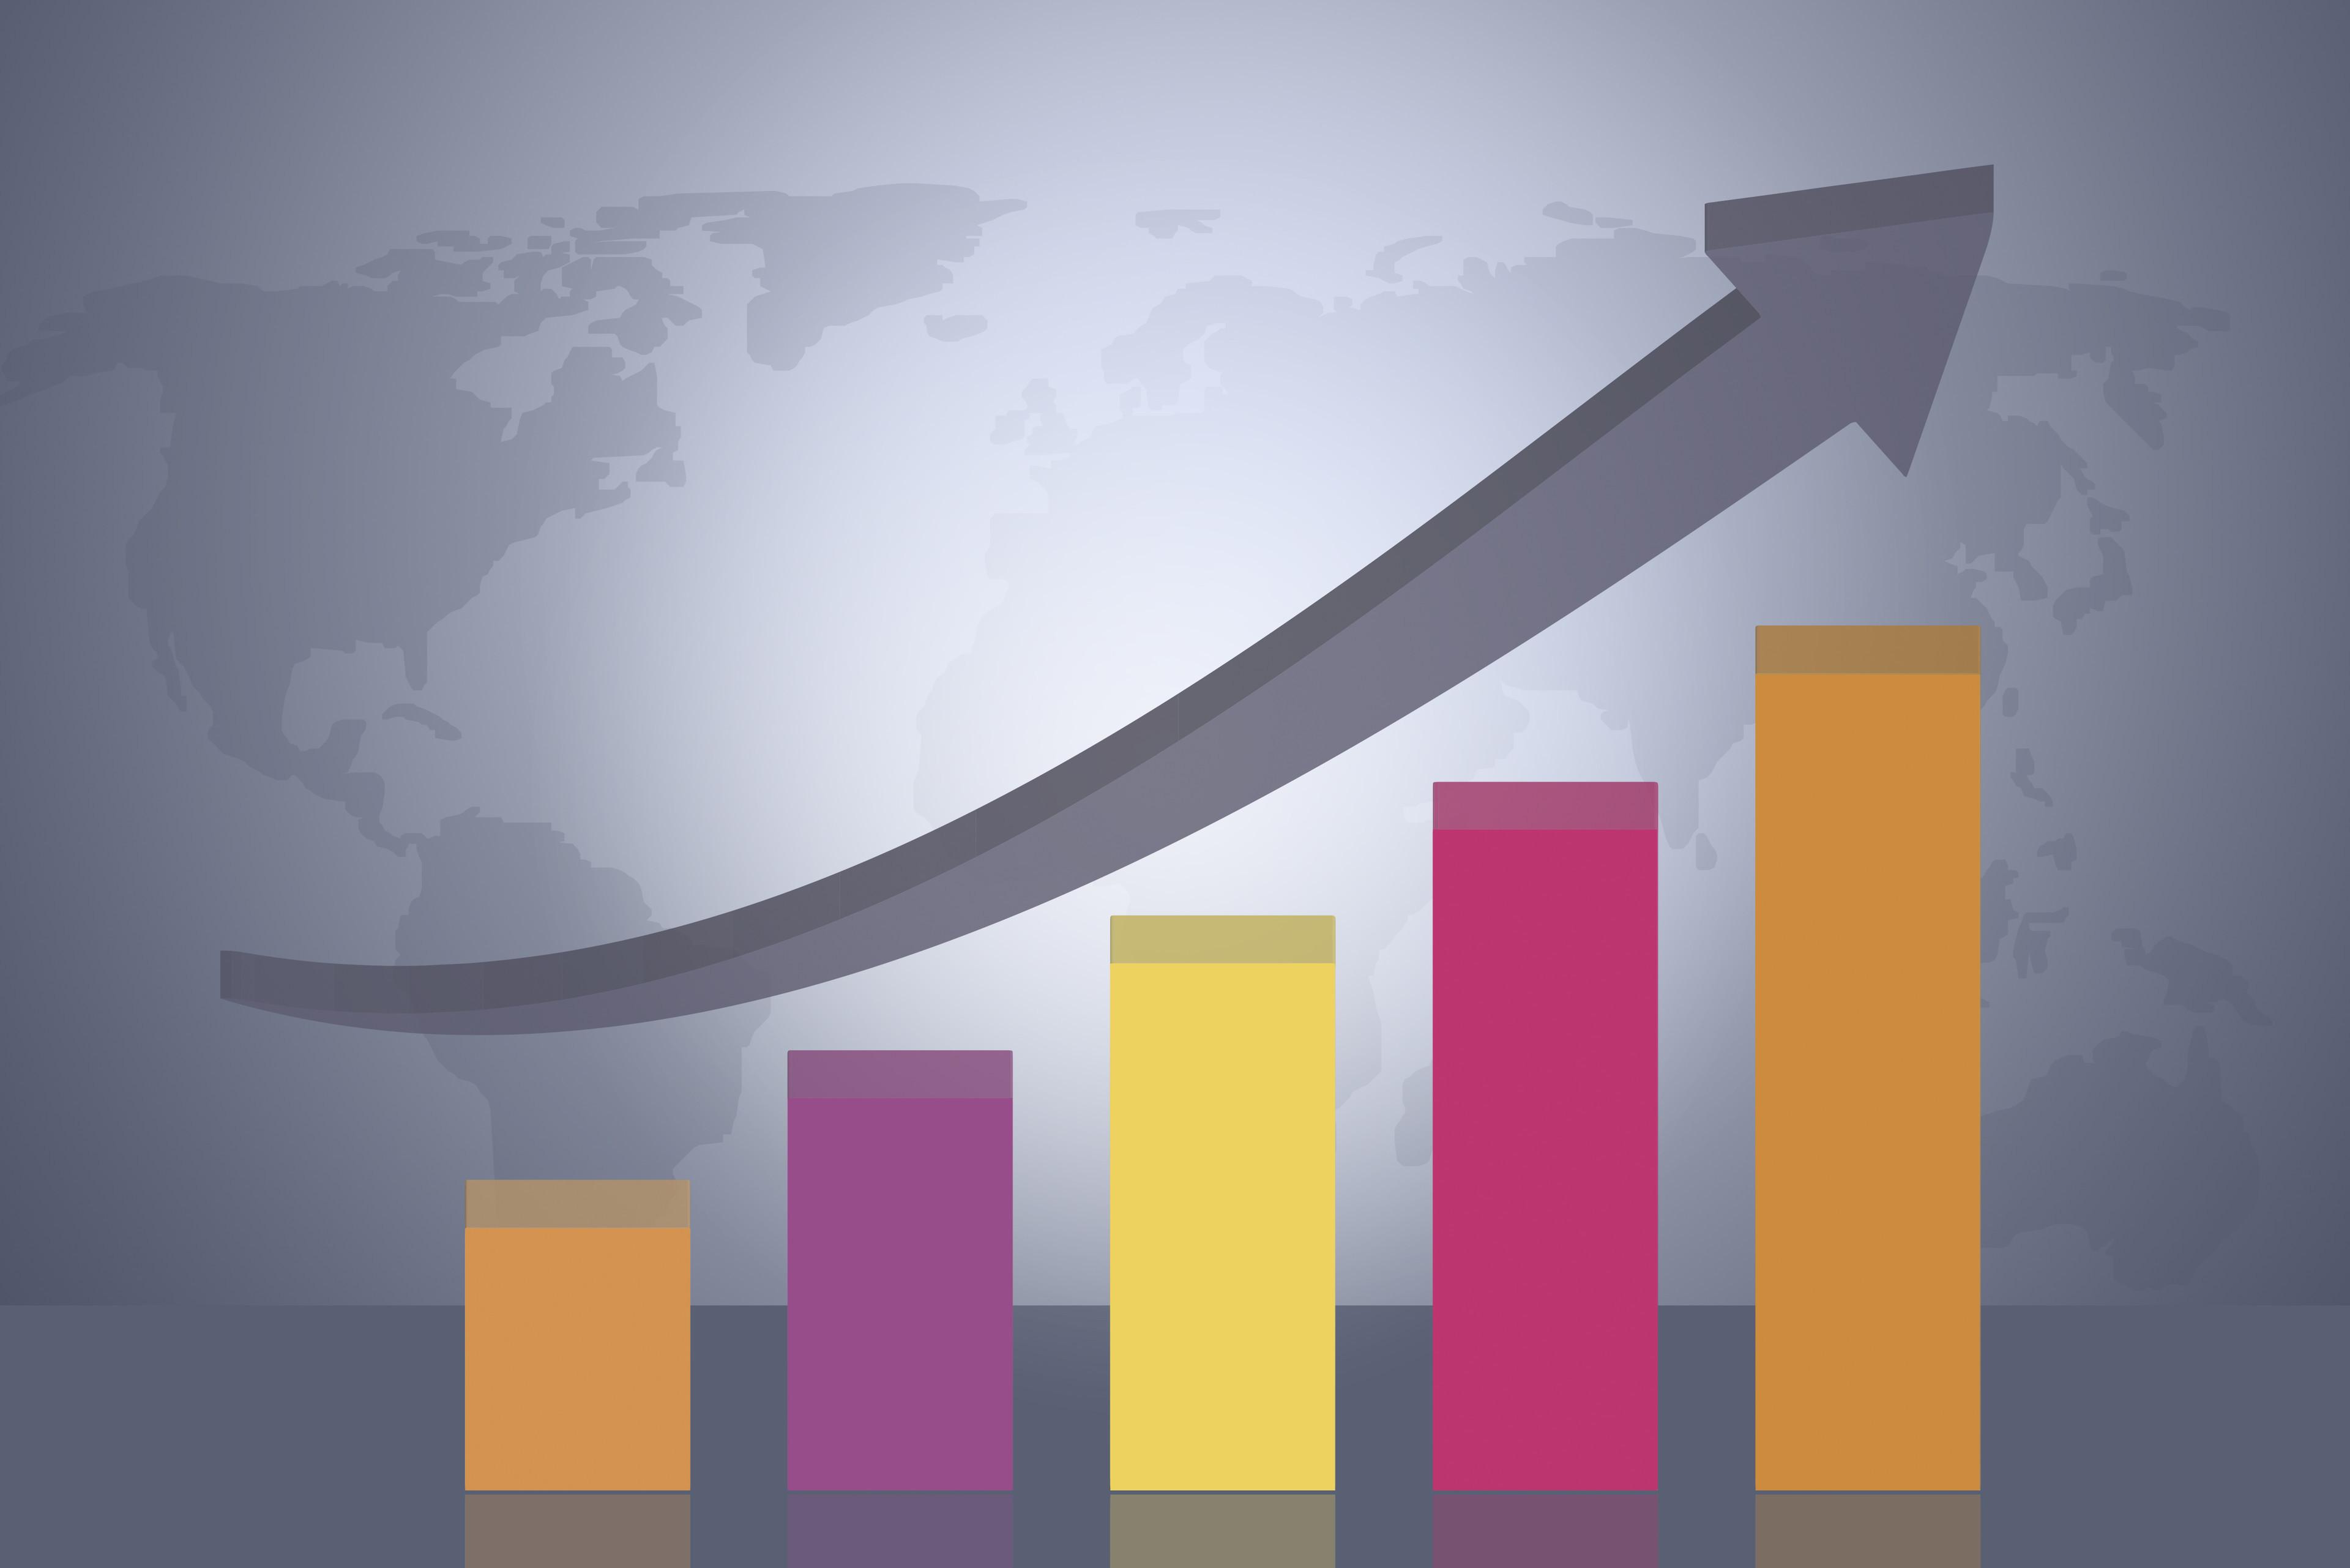 基金把脉四季度投资策略,关注传统板块估值修复机会